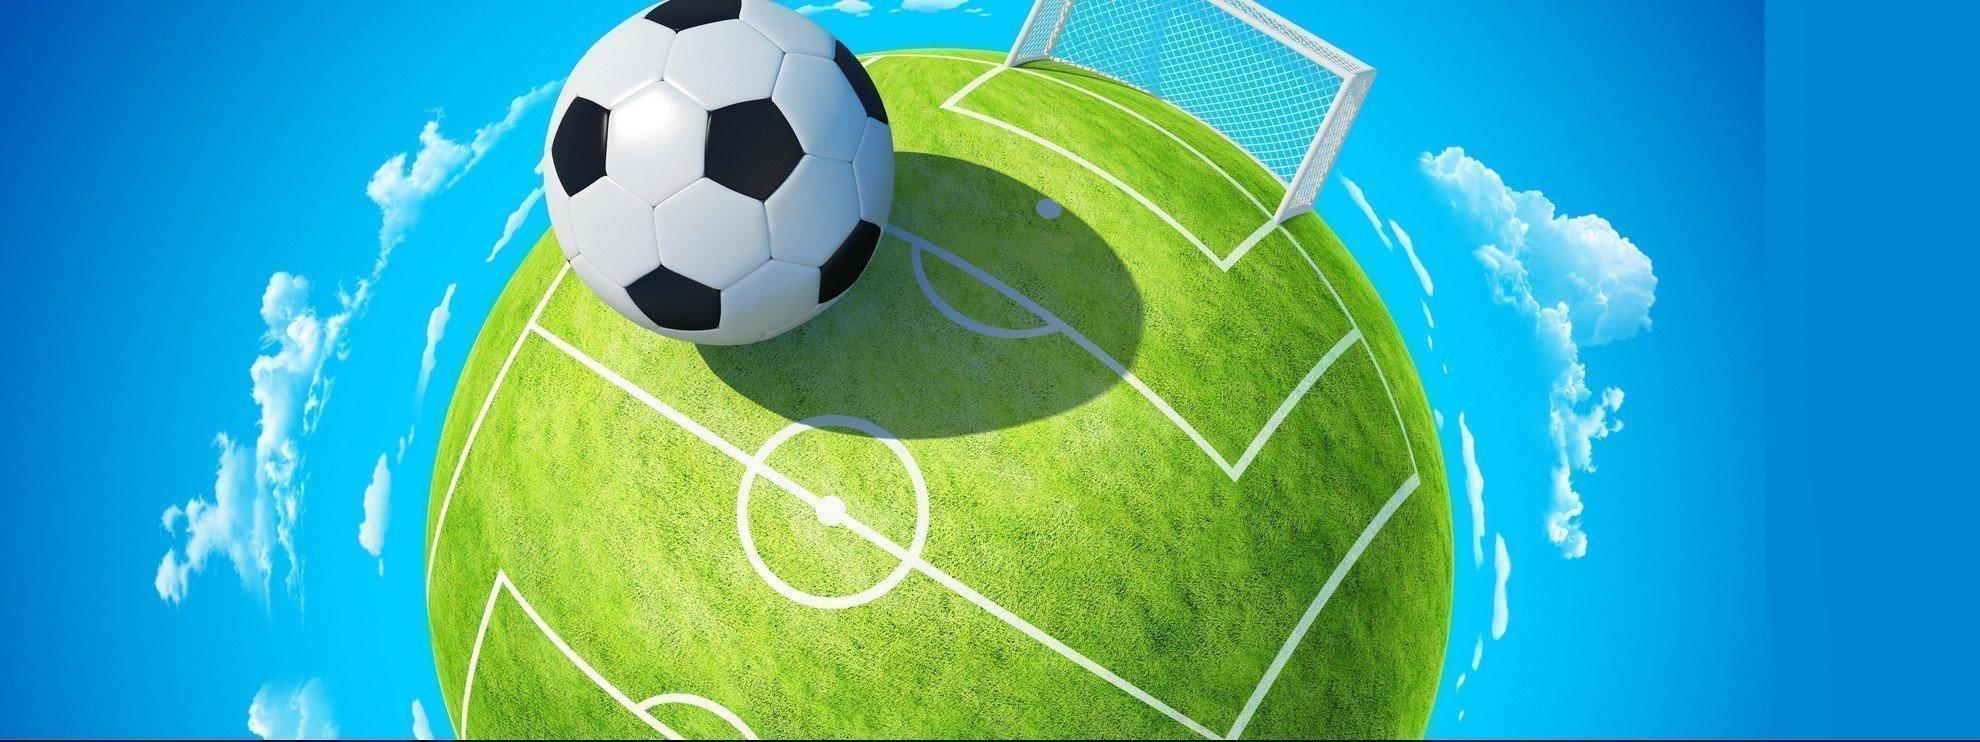 футбол динамо челси: Динамо-Челси, купить билеты на матч 20 октября 2015 21:45